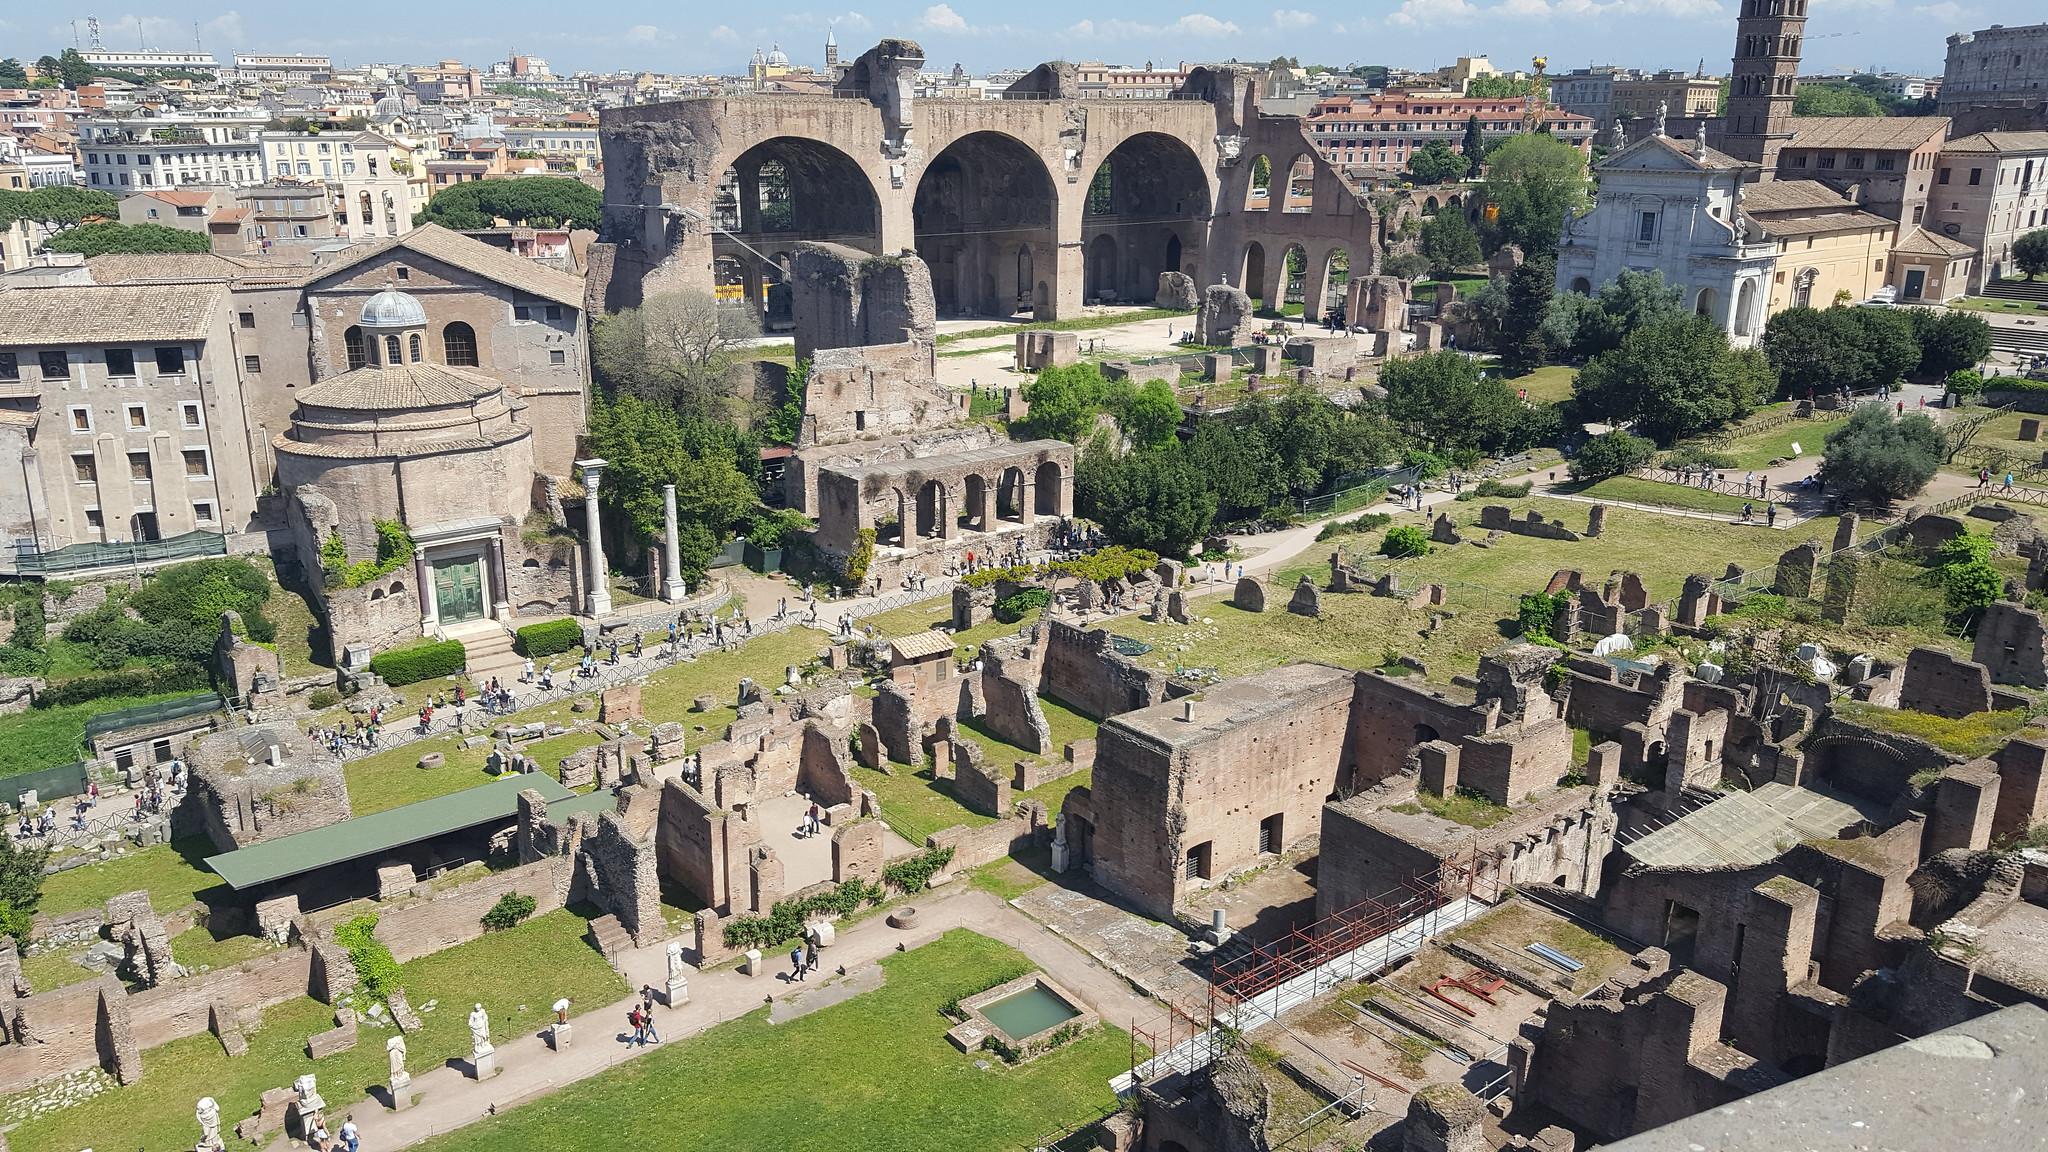 Forum Romanum (Roman Forum) – Imperial Period